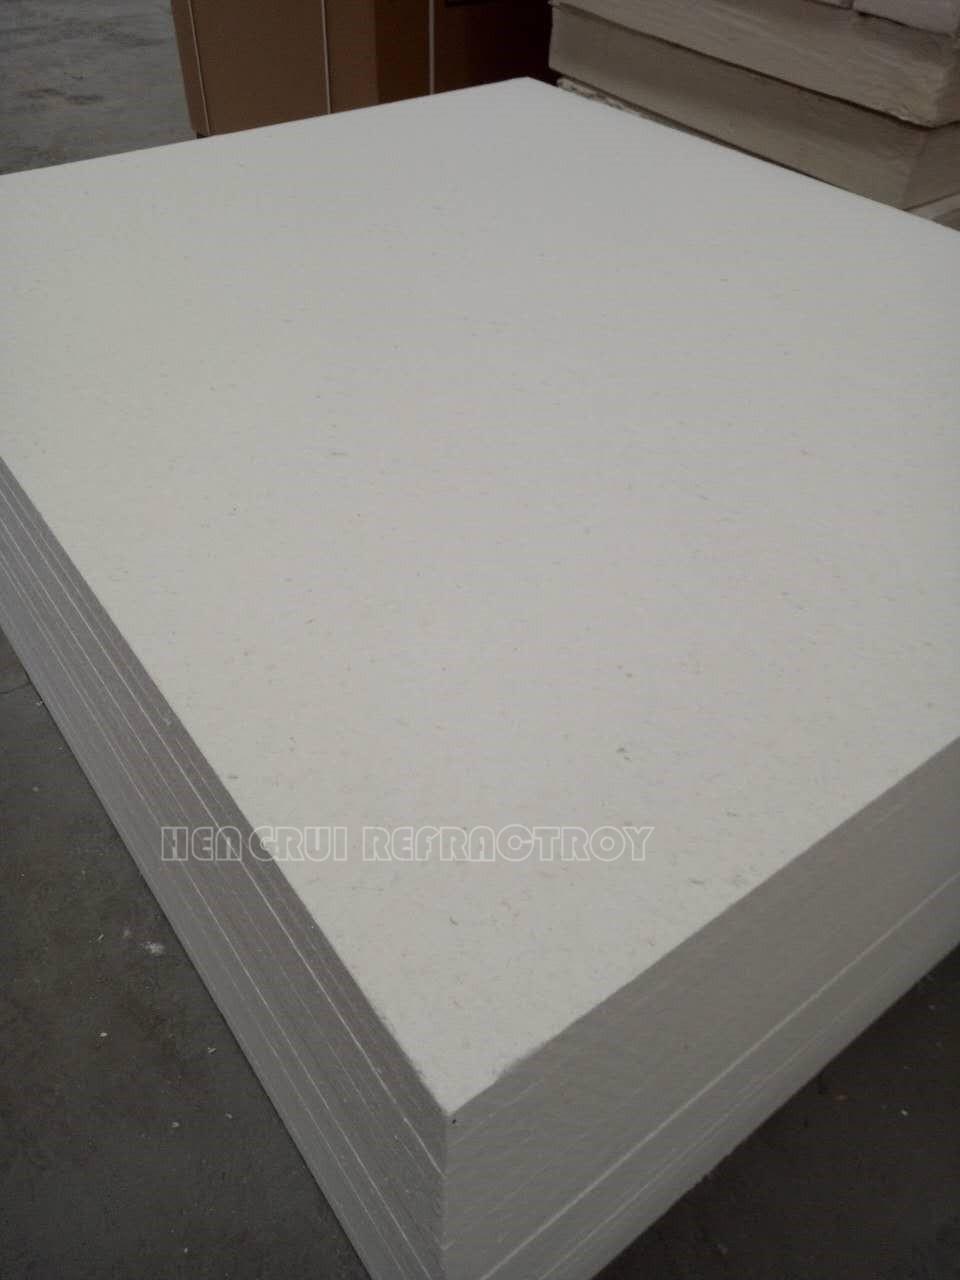 Fire Resistant Clay : Tablero de fibra cerámica resistente al fuego tableros